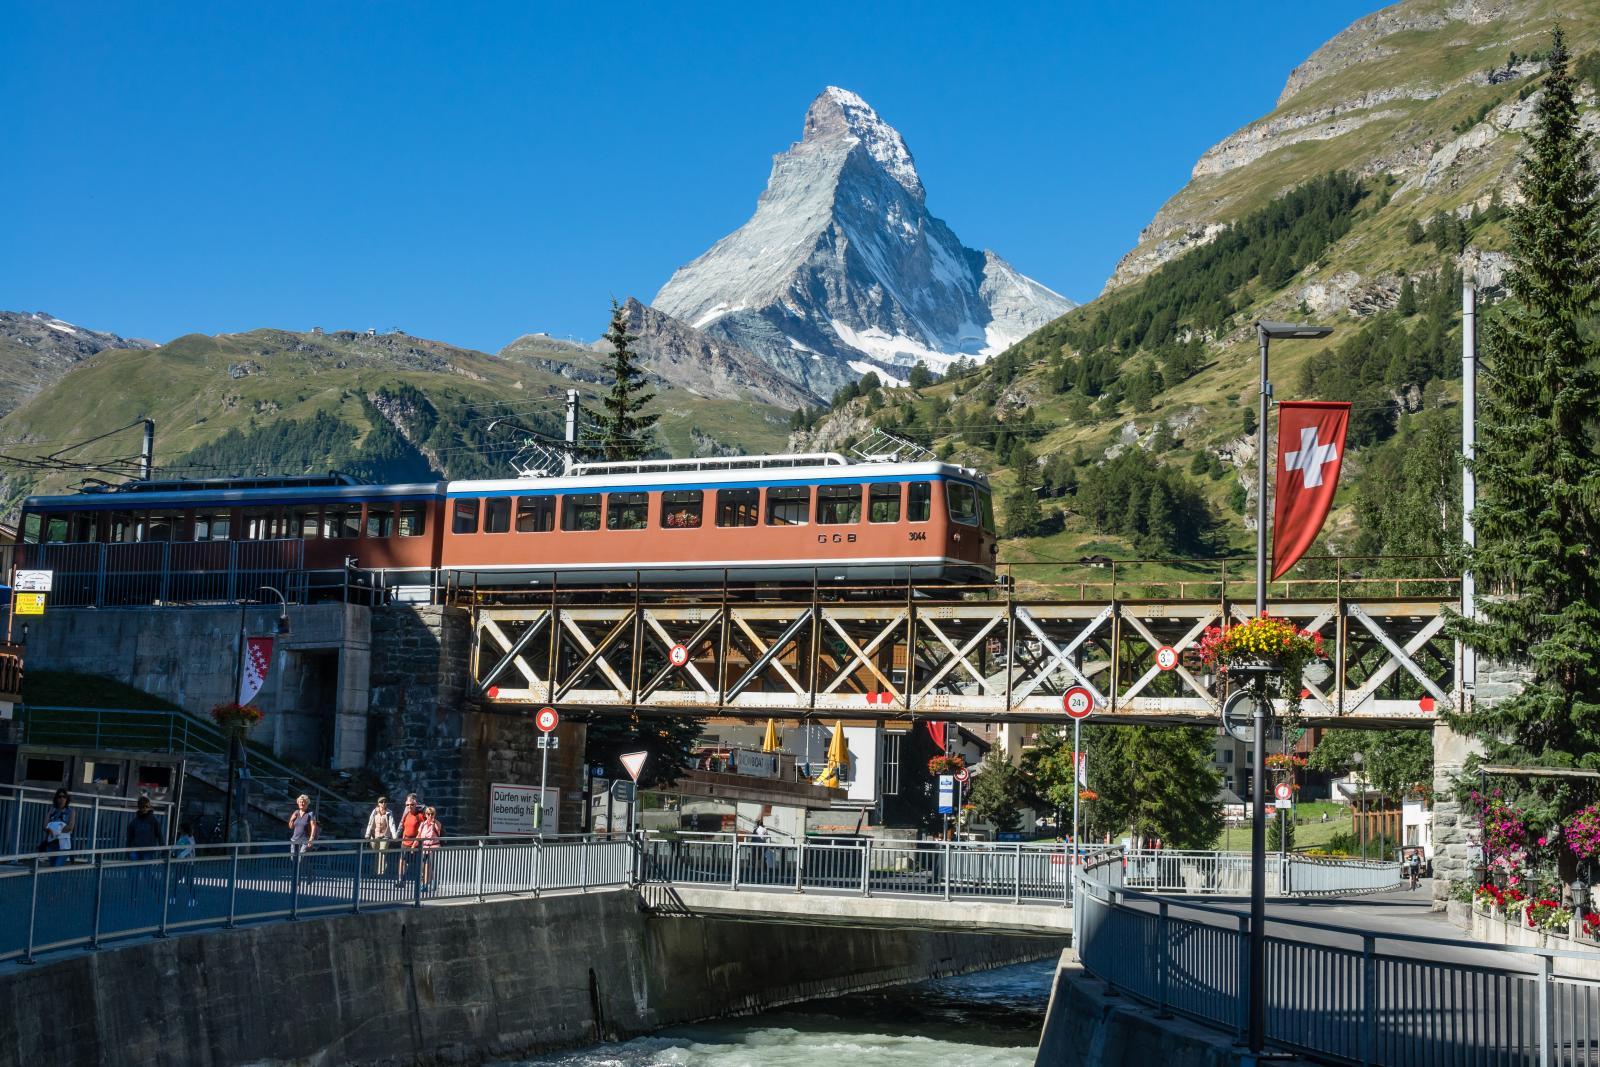 Swiss Train and Matterhorn